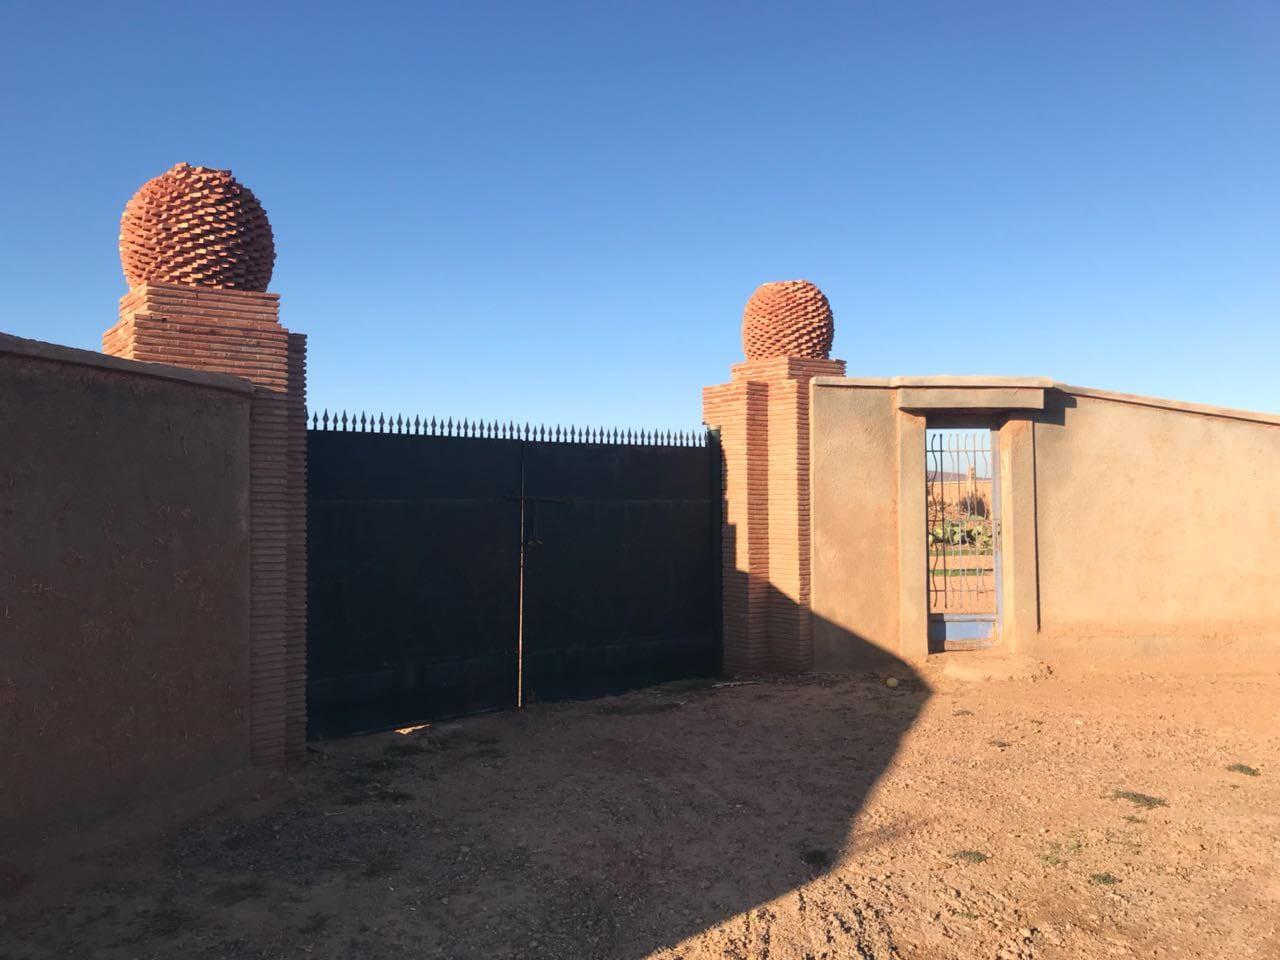 Entrepot / Usine / Ferme à vendre Marrakech